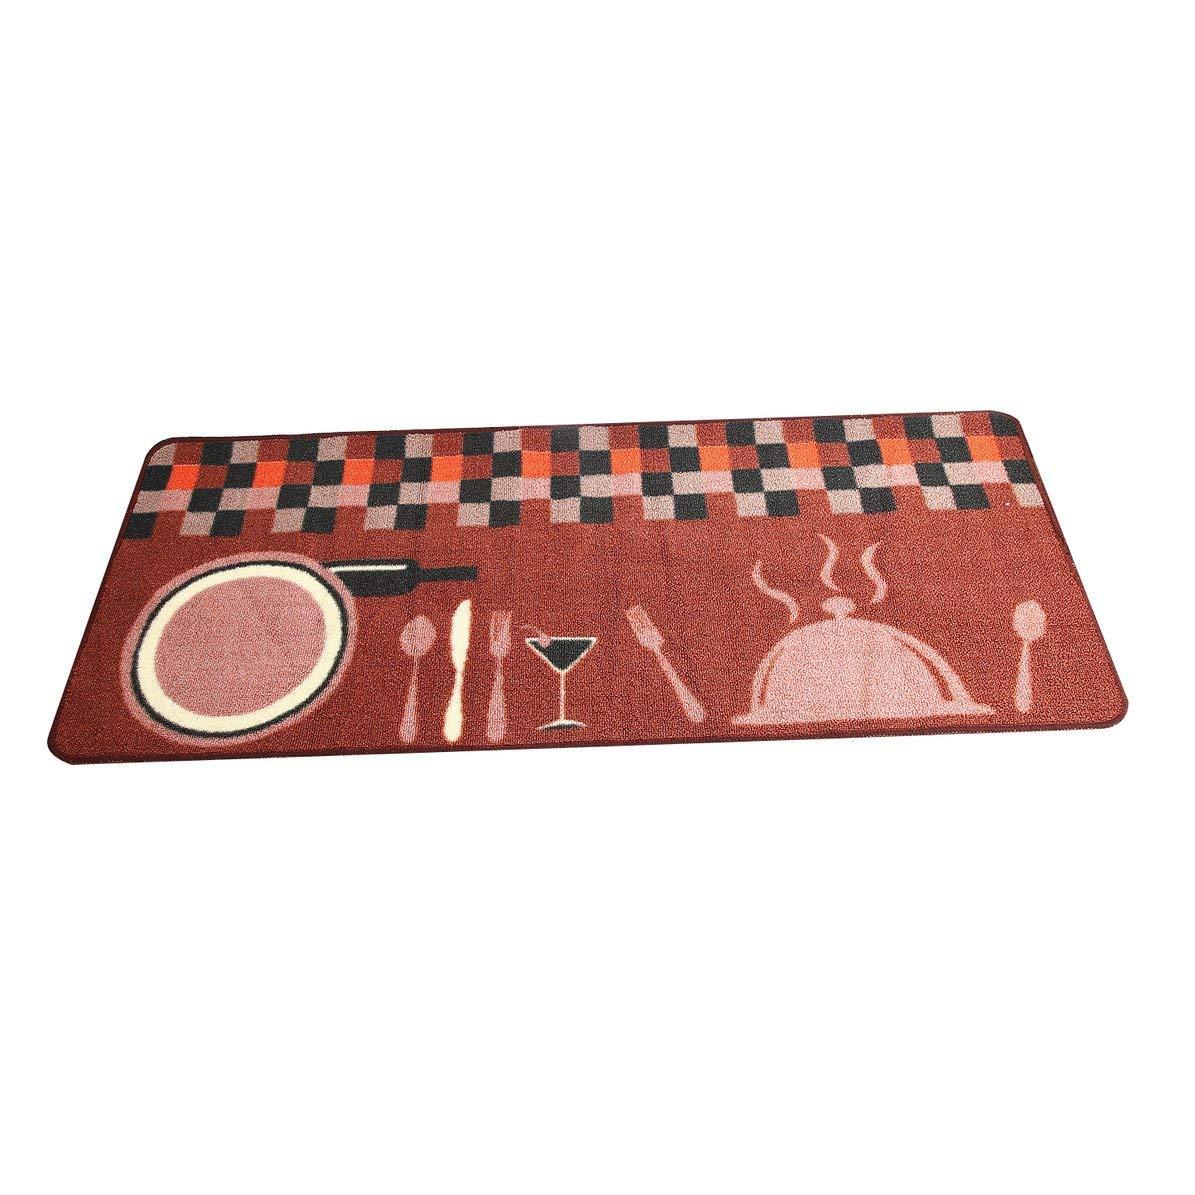 DoMoment Alfombra de Cocina de Dibujos Animados Puerta Antideslizante Alfombra de Entrada Absorbente Alfombras para la decoración del hogar para la Cocina Baño Piso